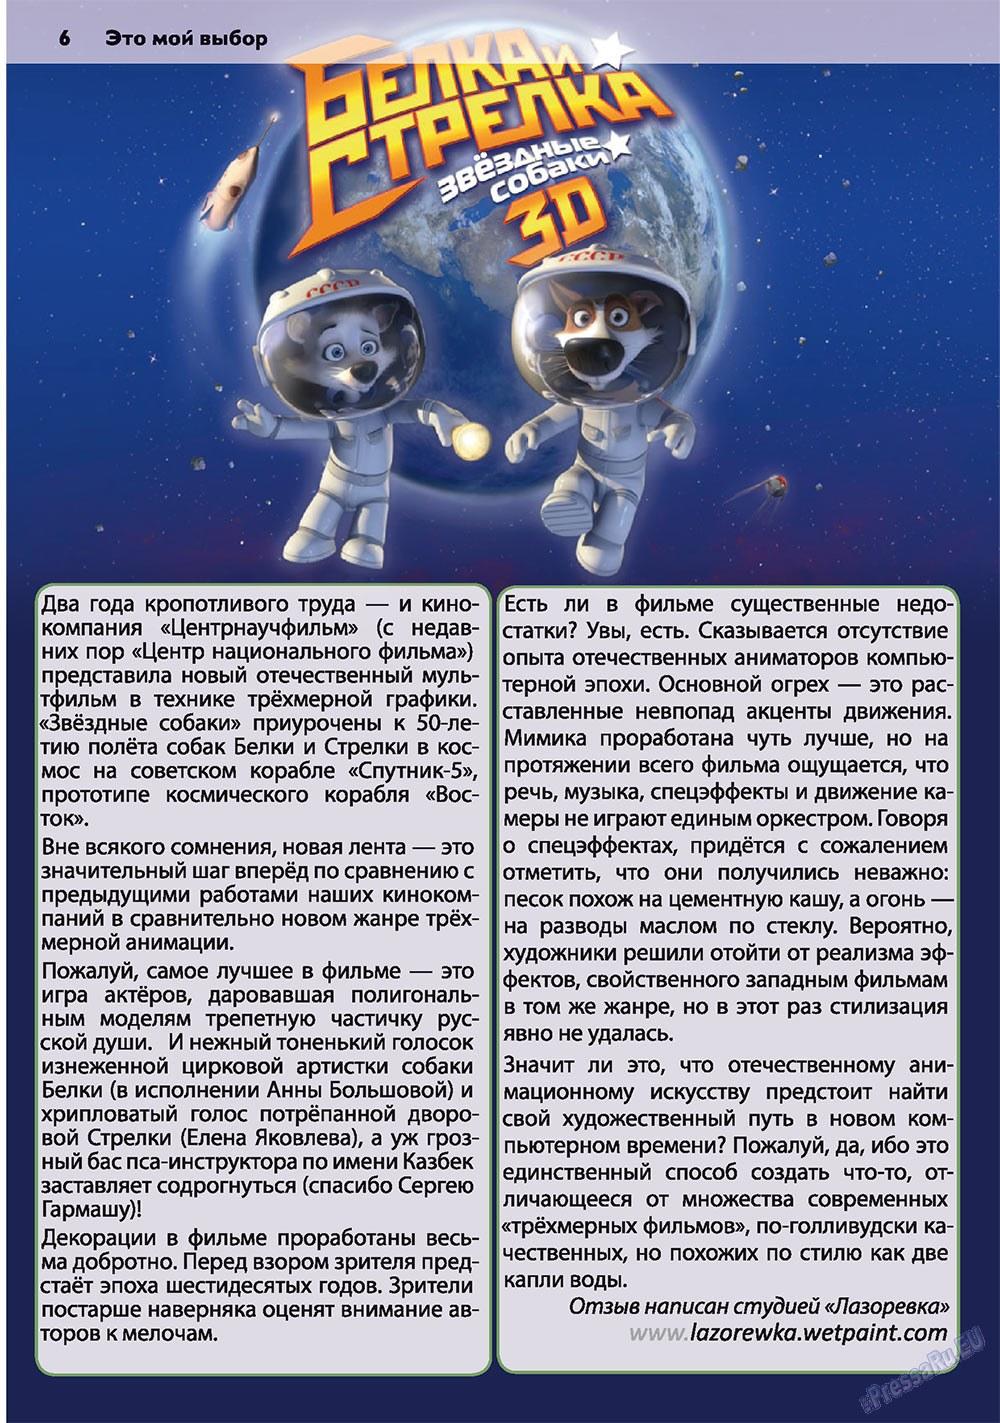 Апельсин (журнал). 2010 год, номер 10, стр. 6